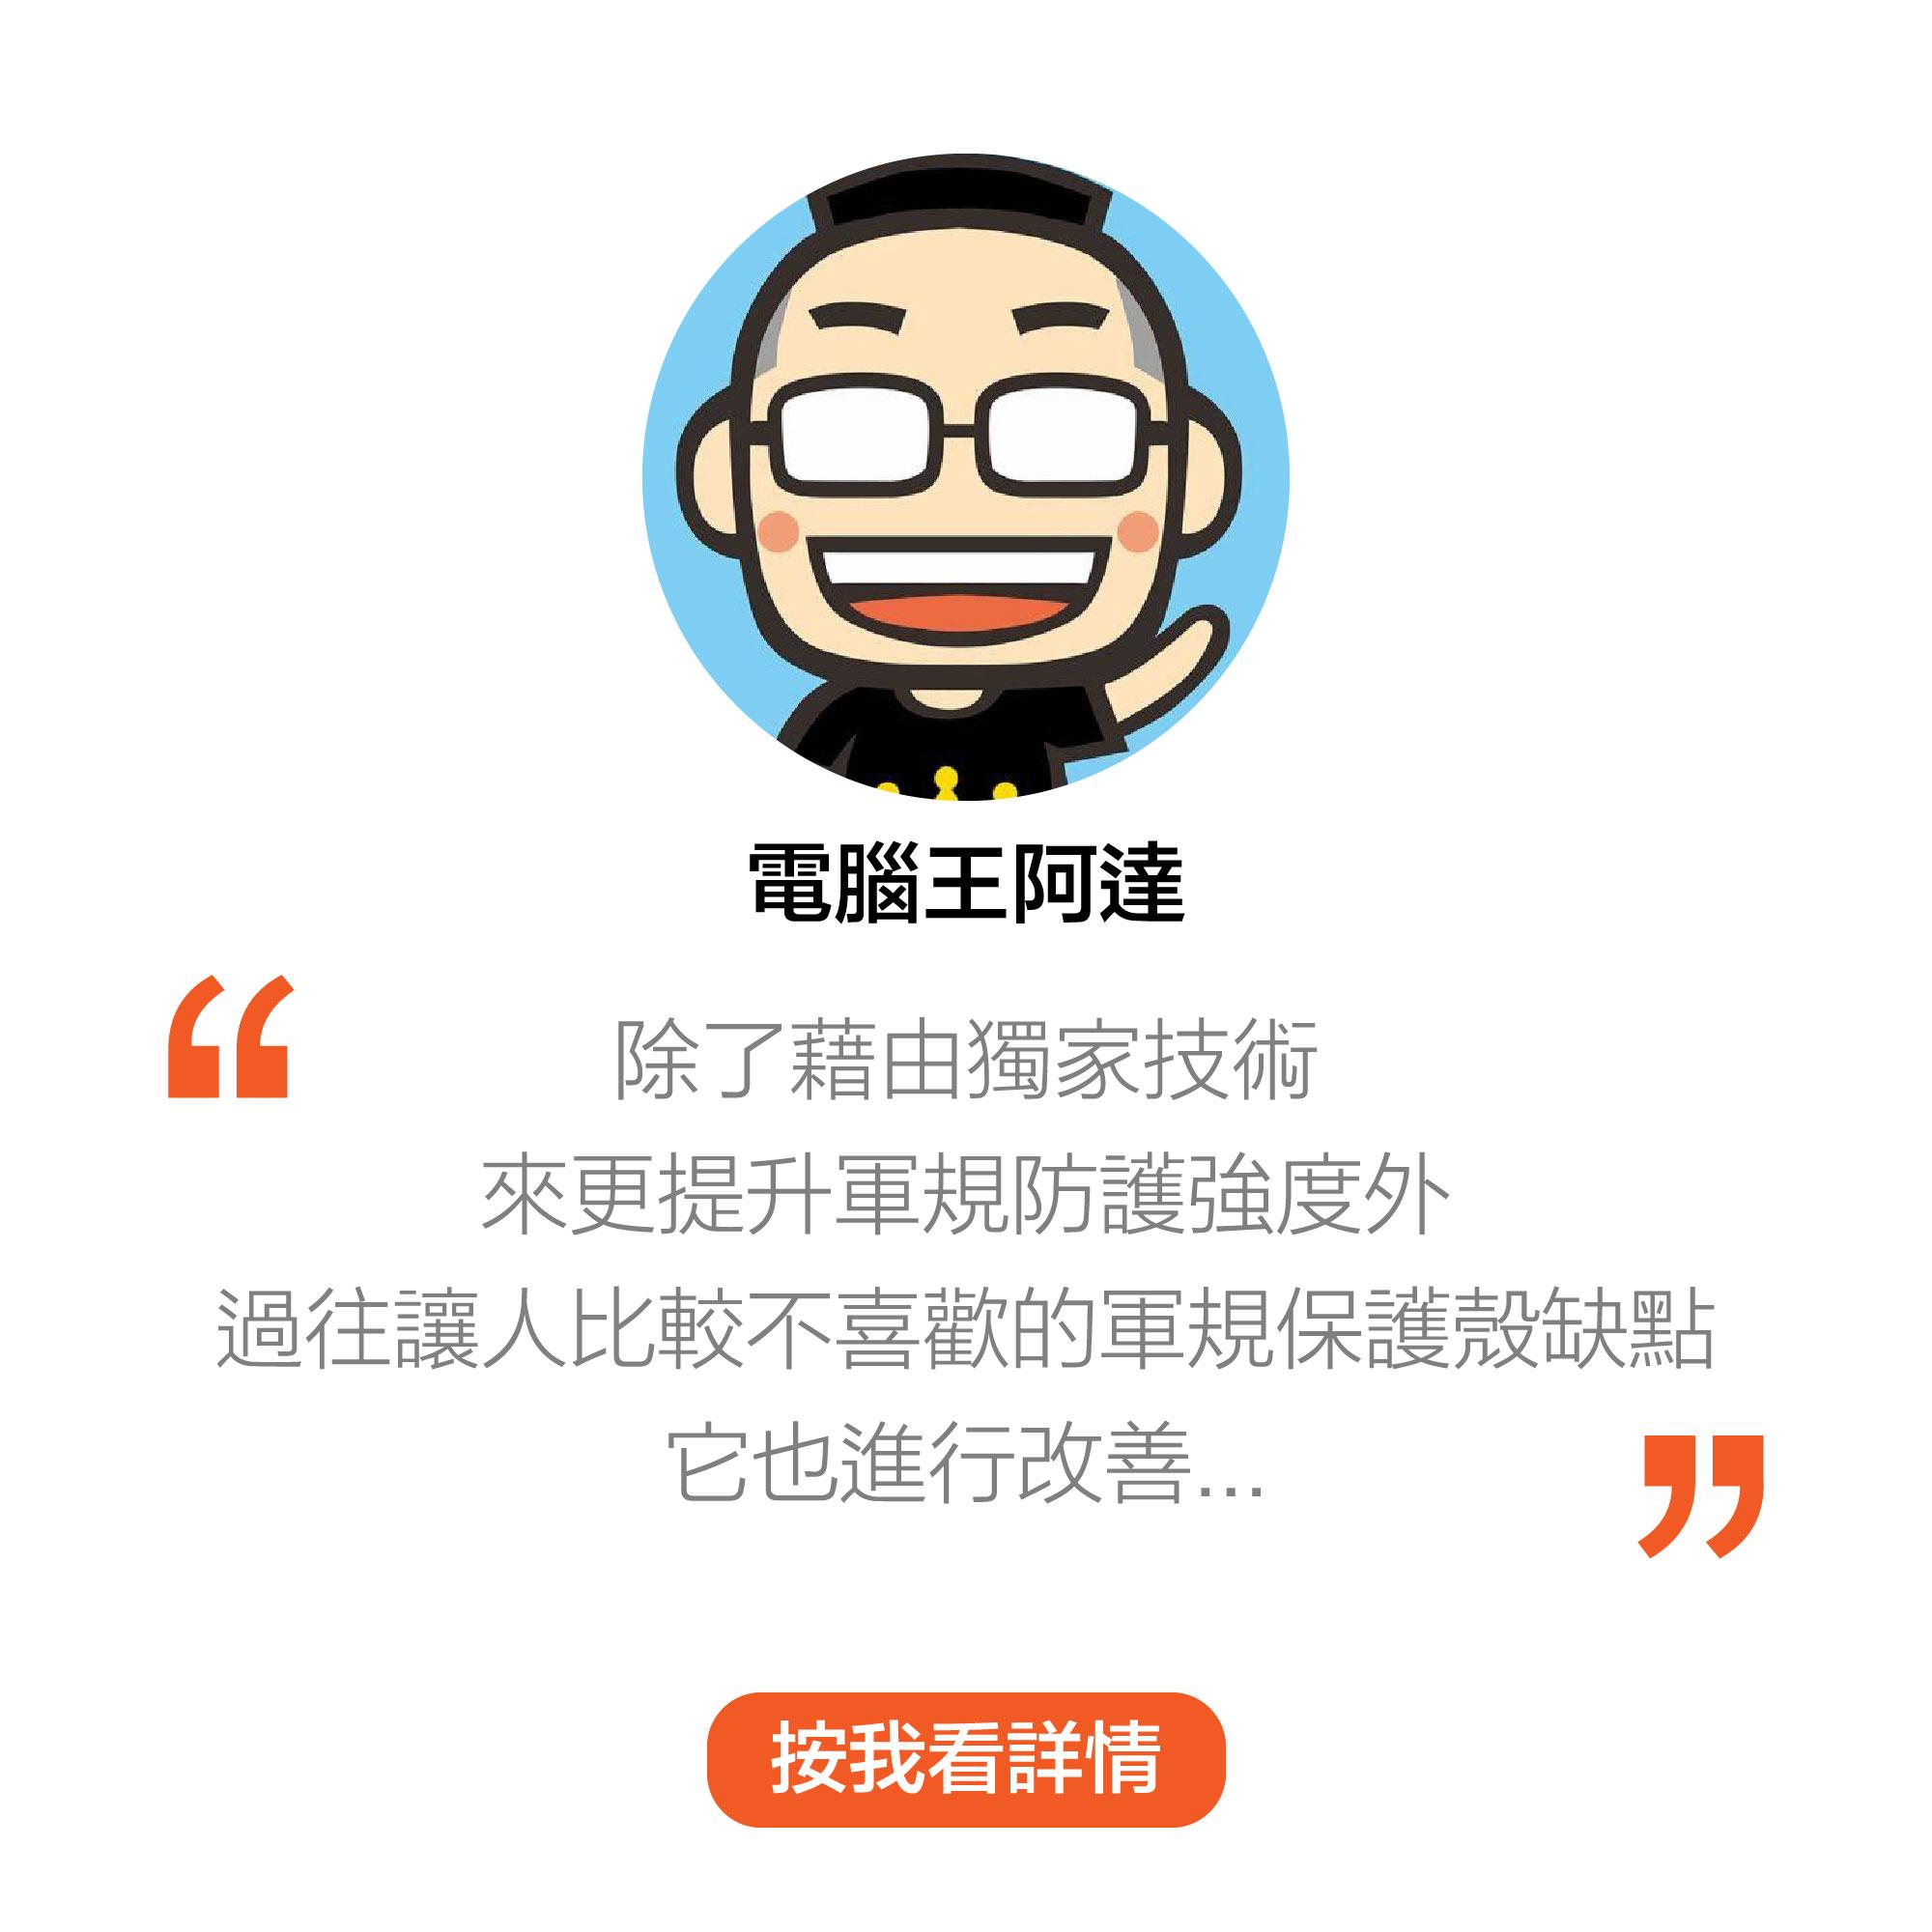 電腦王阿達 - 開箱JTLEGEND捍衛者保護殼